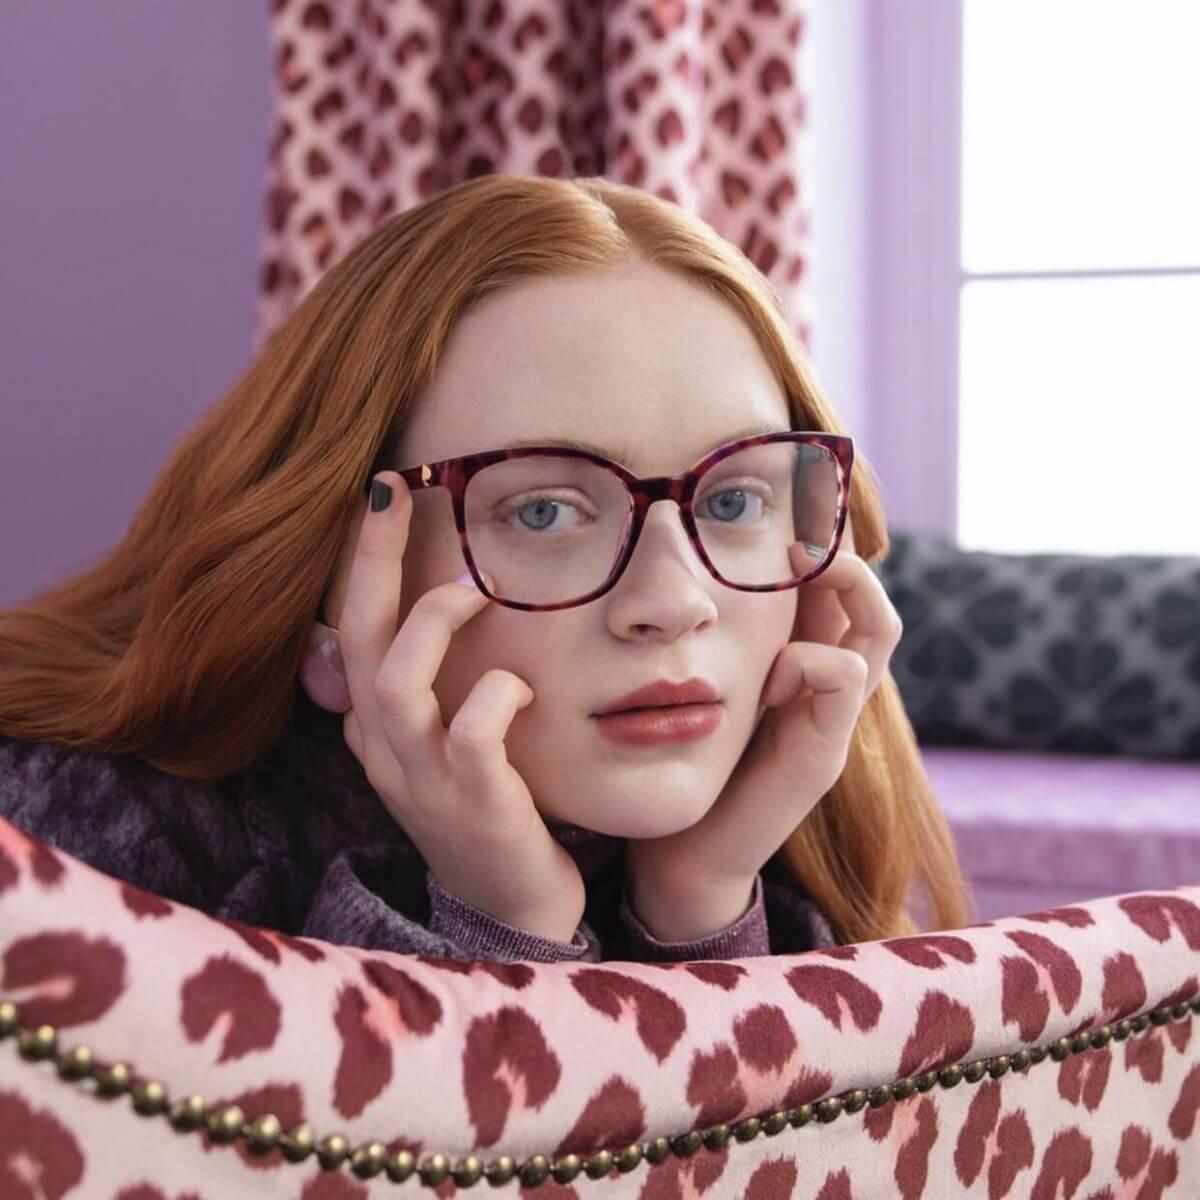 Sadie Sink wearing Kate Spade Glasses e1565971109291